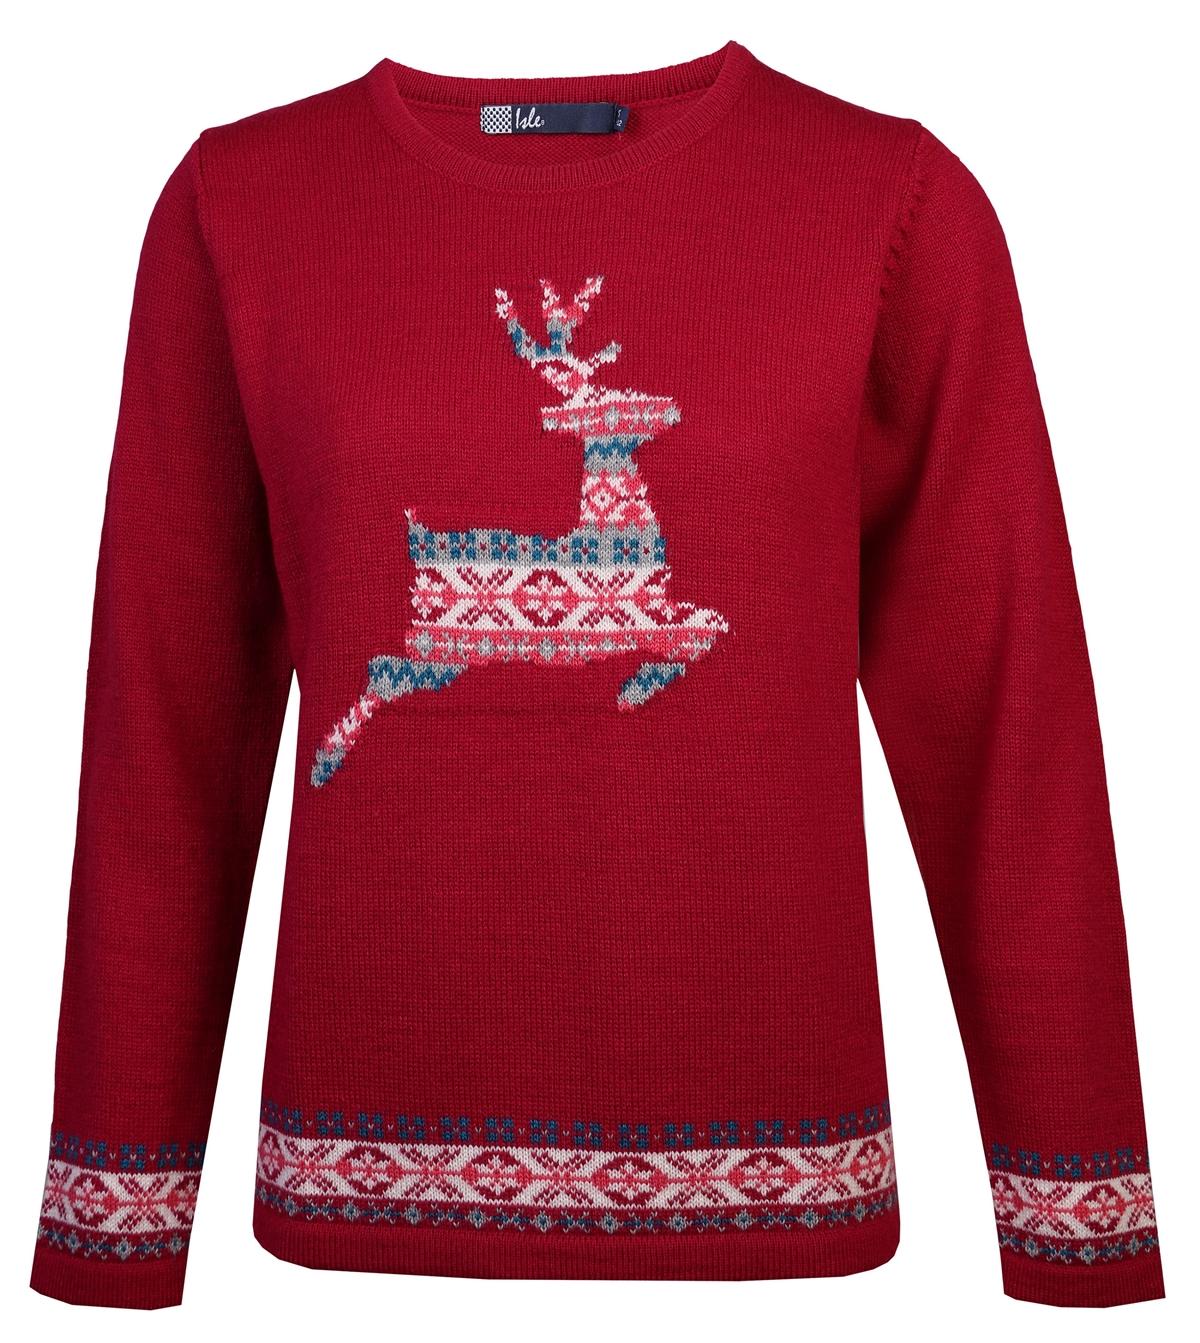 edinburgh woollen mill christmas knit jumper